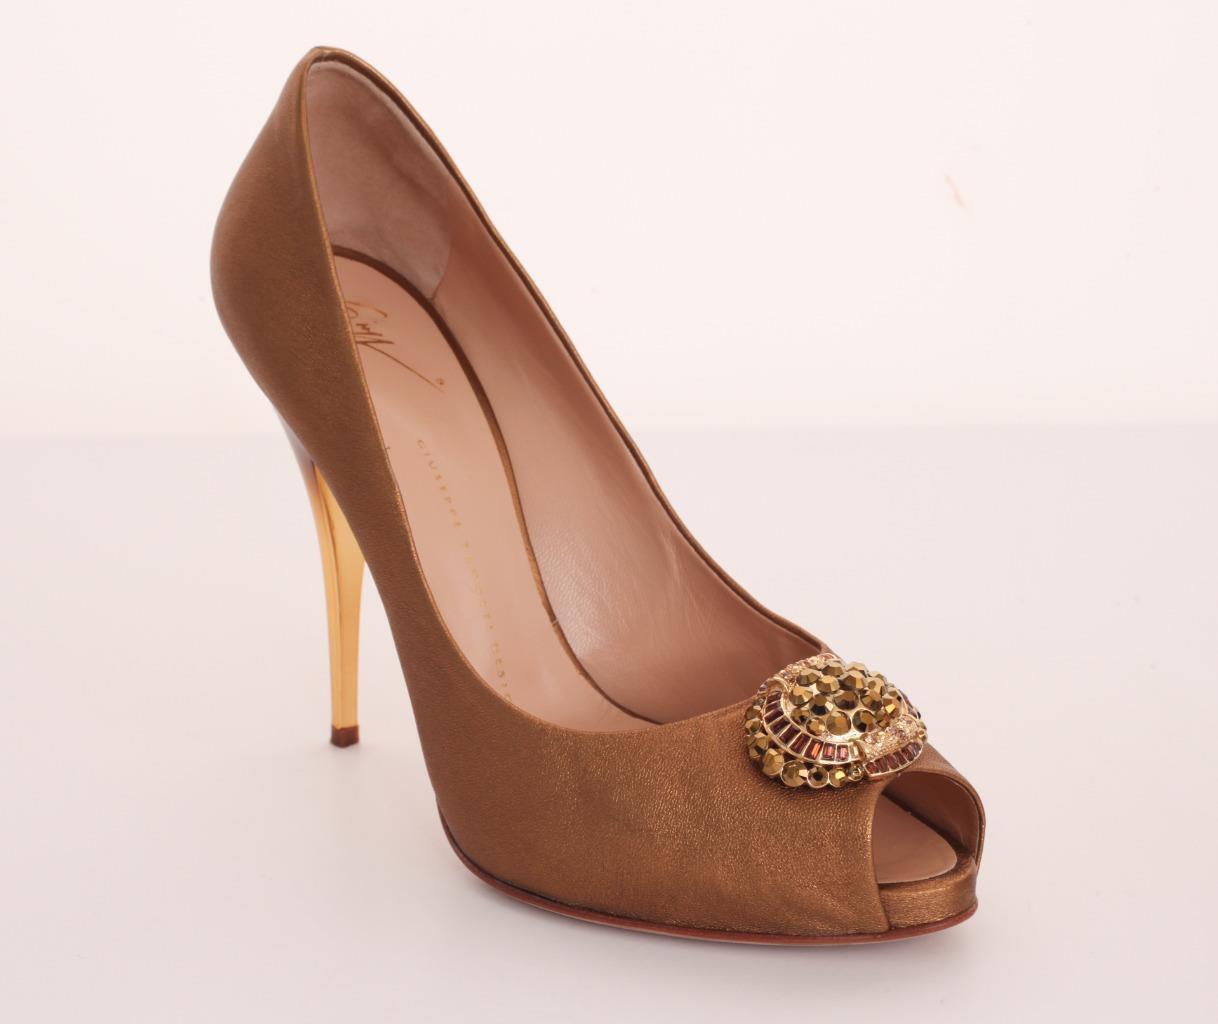 GIUSEPPE ZANOTTI oro Cristallo Jeweled  Knot High Heel Peep -Toe Pump Sandal 10 -40  la vostra soddisfazione è il nostro obiettivo